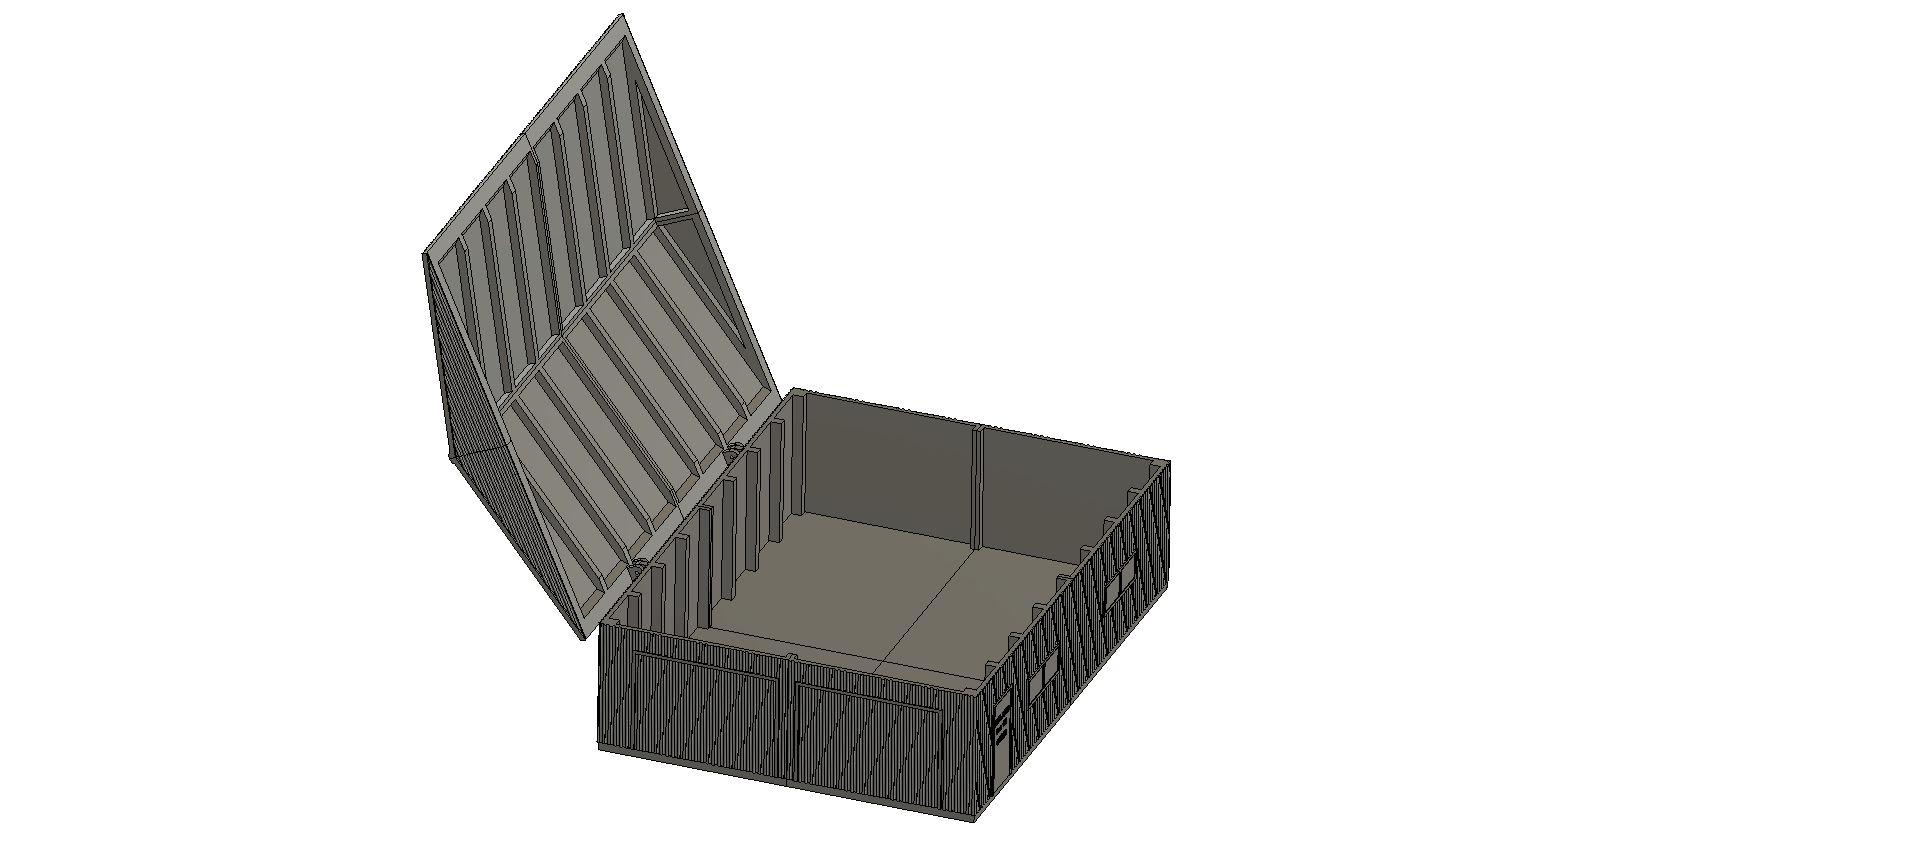 Dylans-9x12-shed-v6-3500-3500